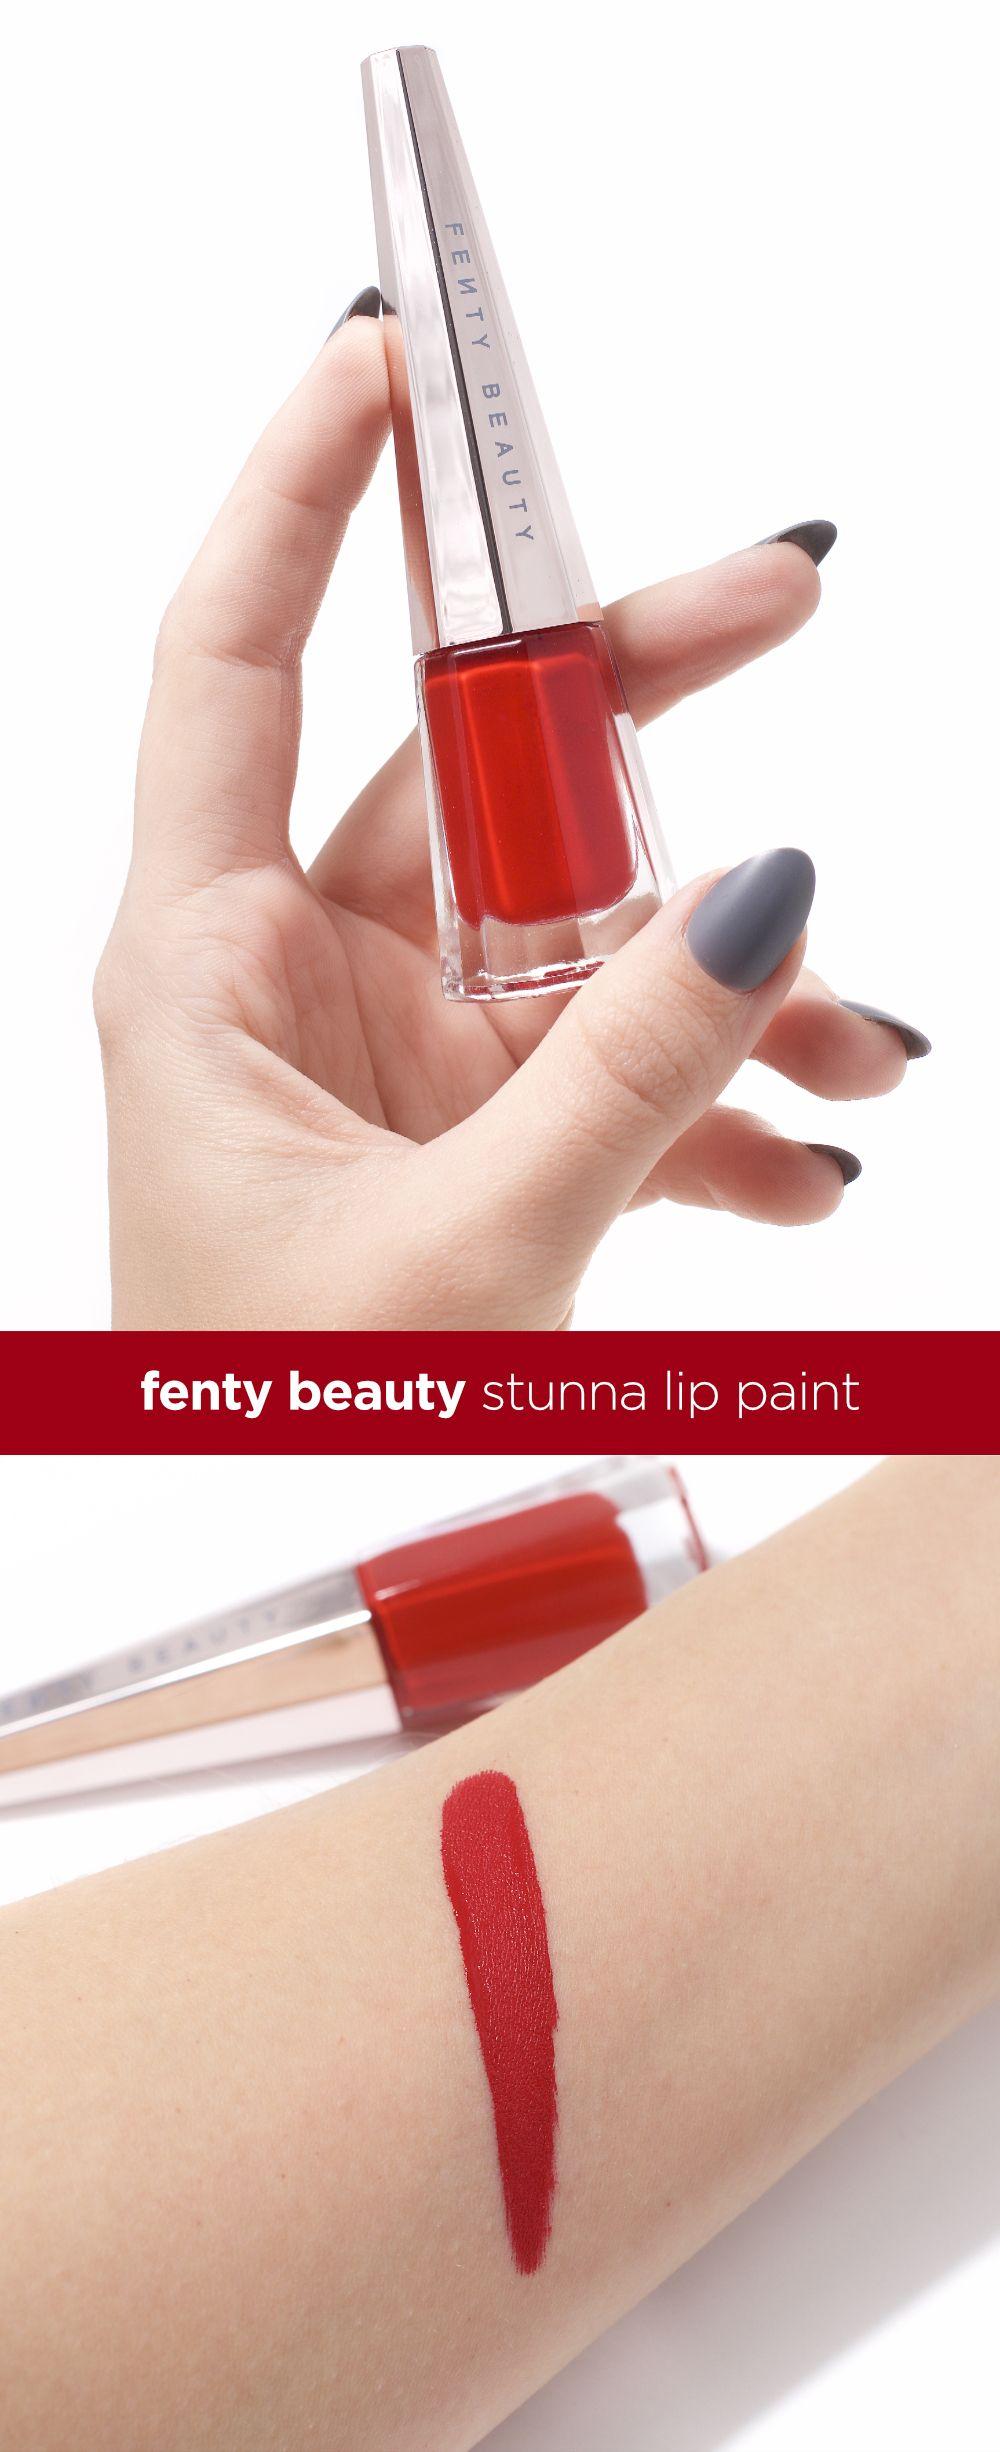 Stunna Lip Paint Longwear Fluid Lip Color by Fenty Beauty #21